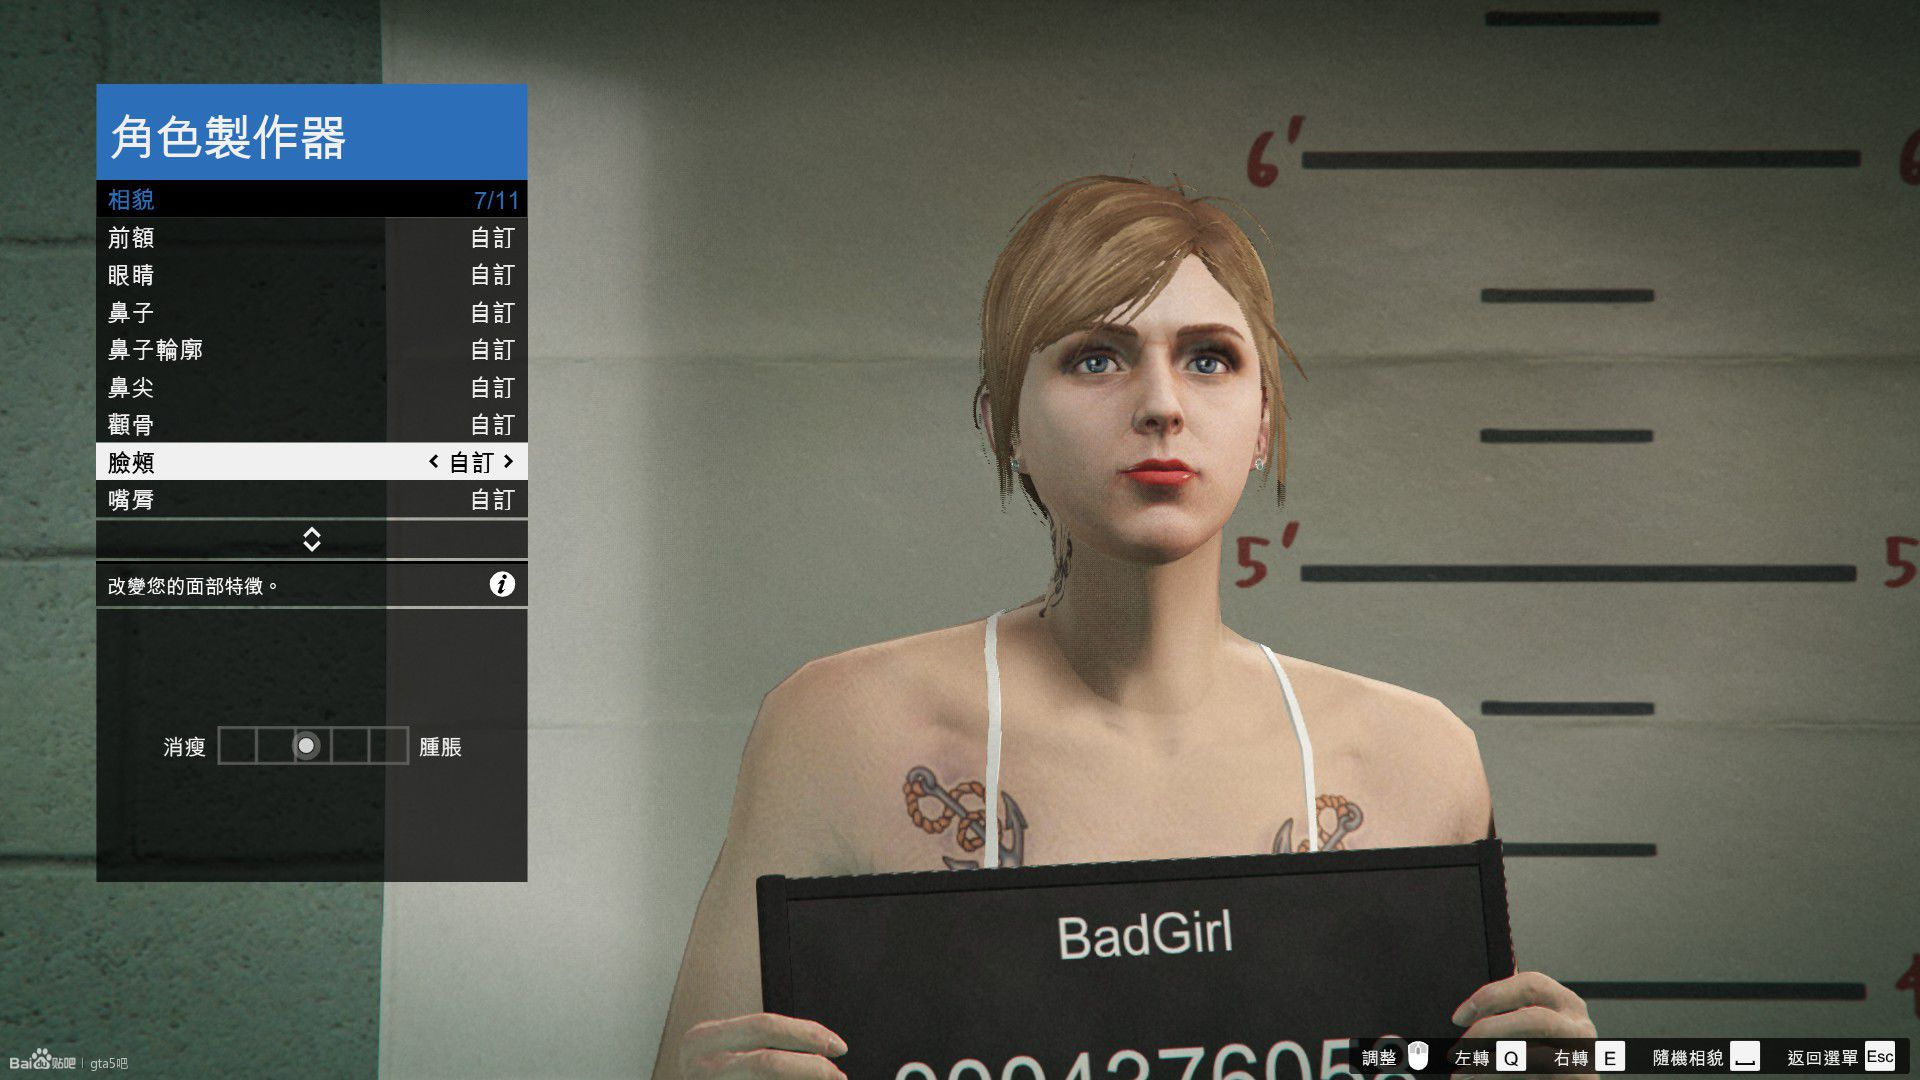 【捏脸】GTA5女角色捏脸数据插图(9)